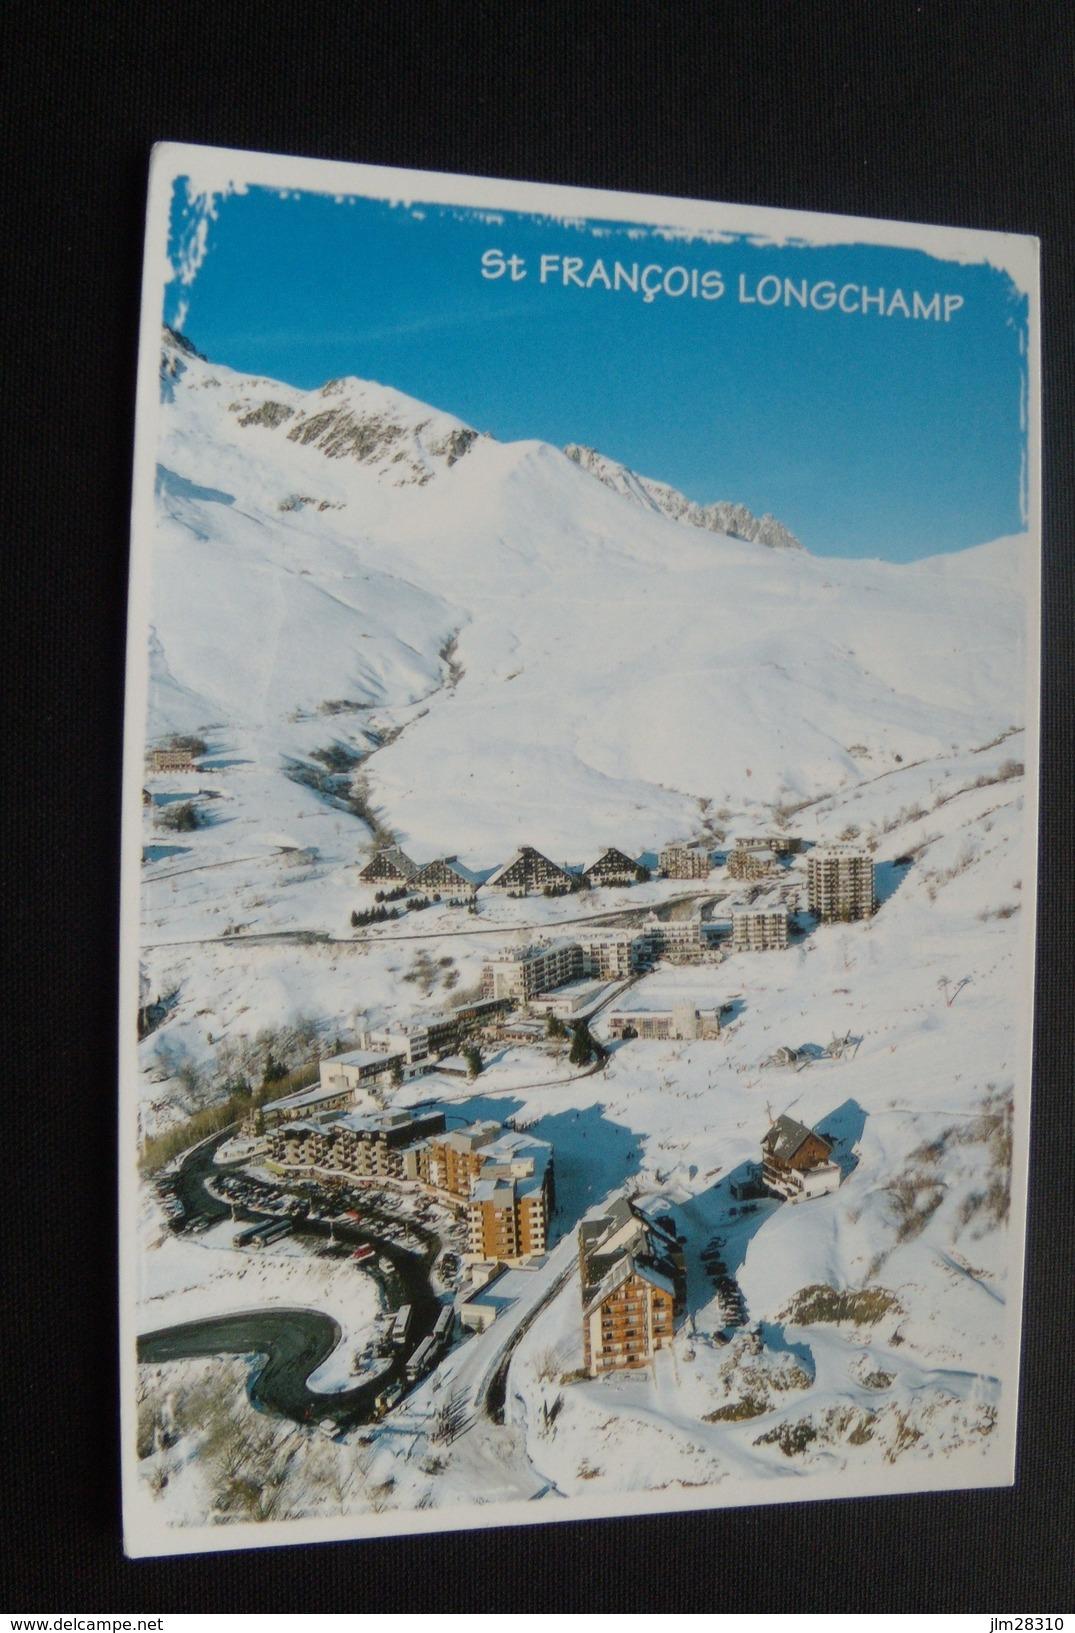 73 / Savoie - St François Longchamp - Vue Panaromique - France